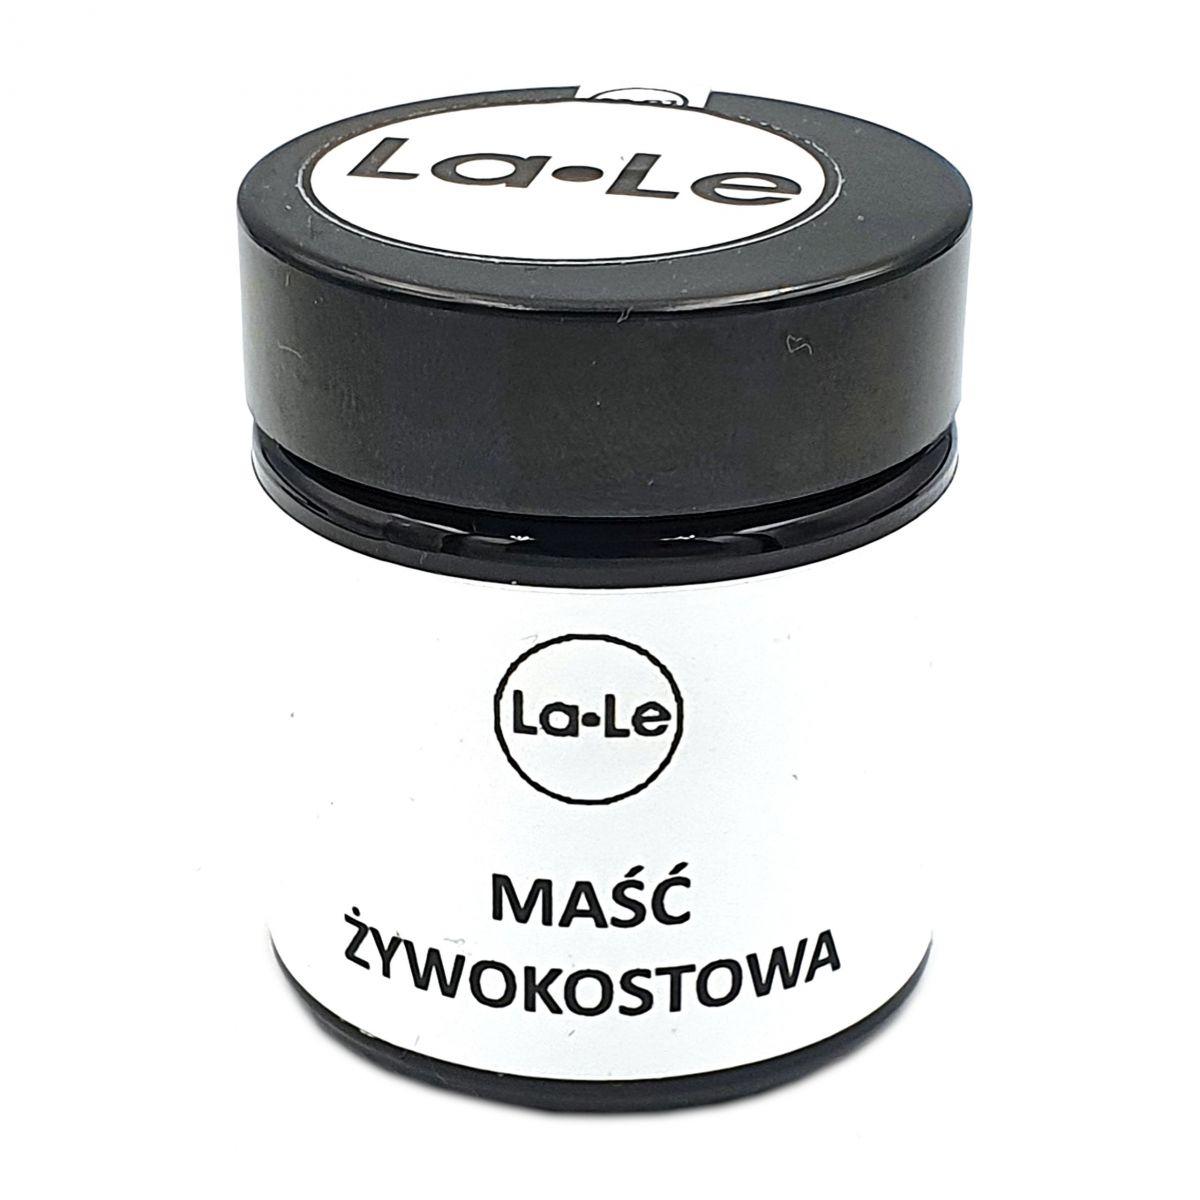 Maść Żywokostowa - 30ml - La-Le